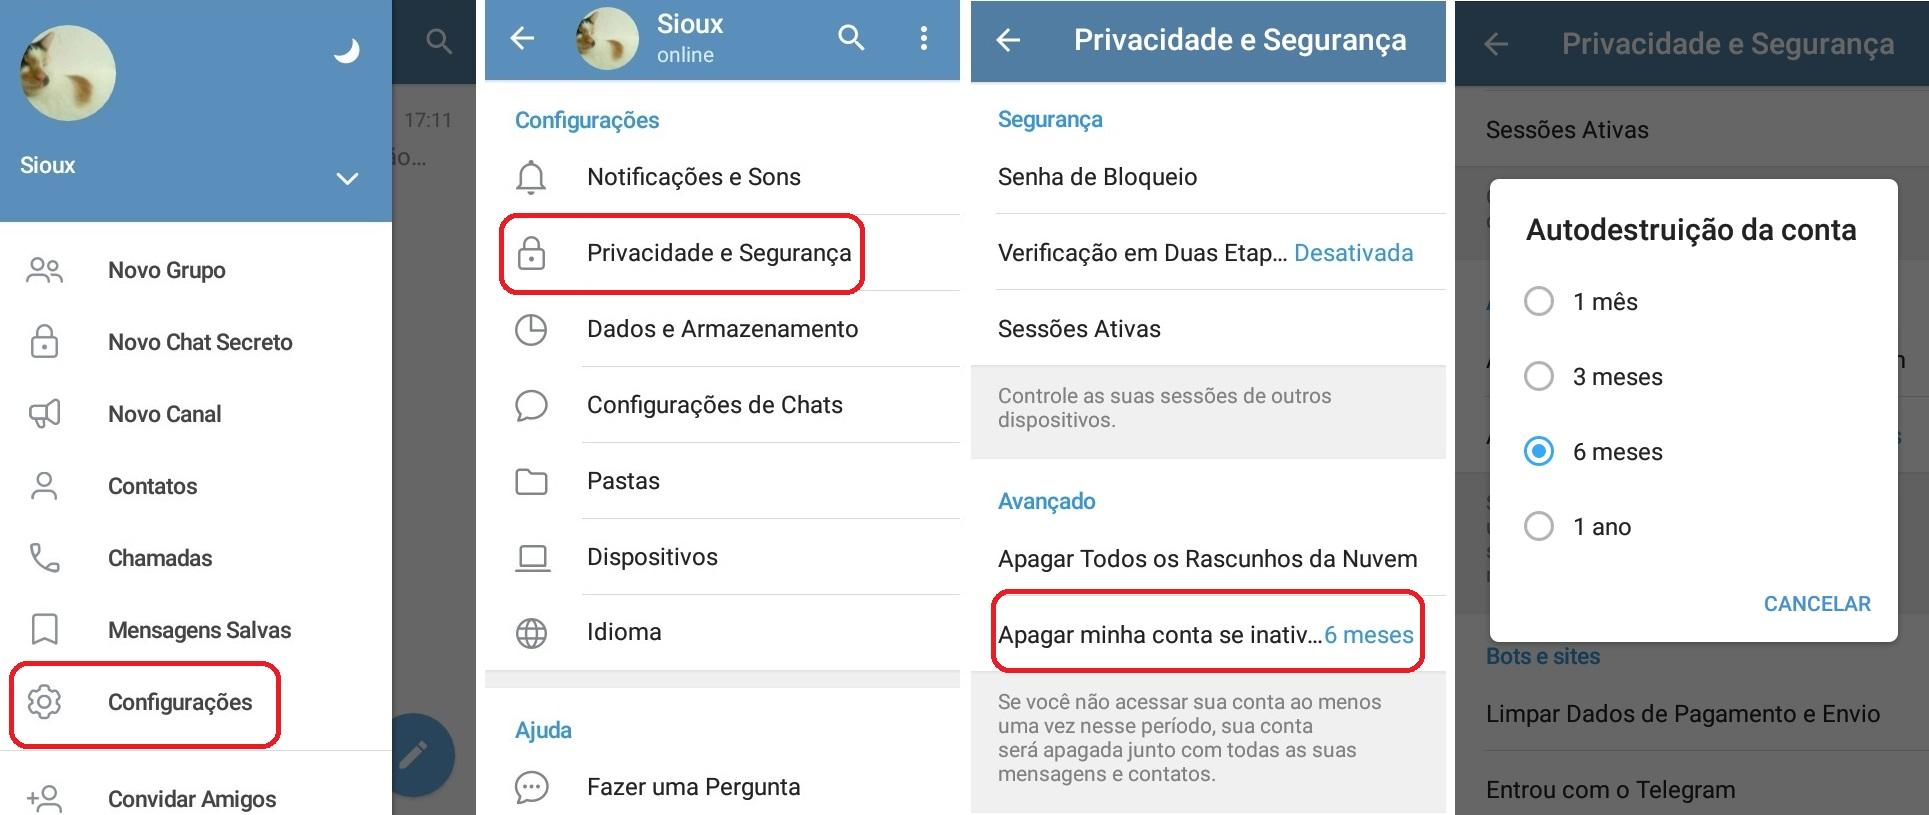 imagem 2 de Como desativar ou excluir a conta no Telegram